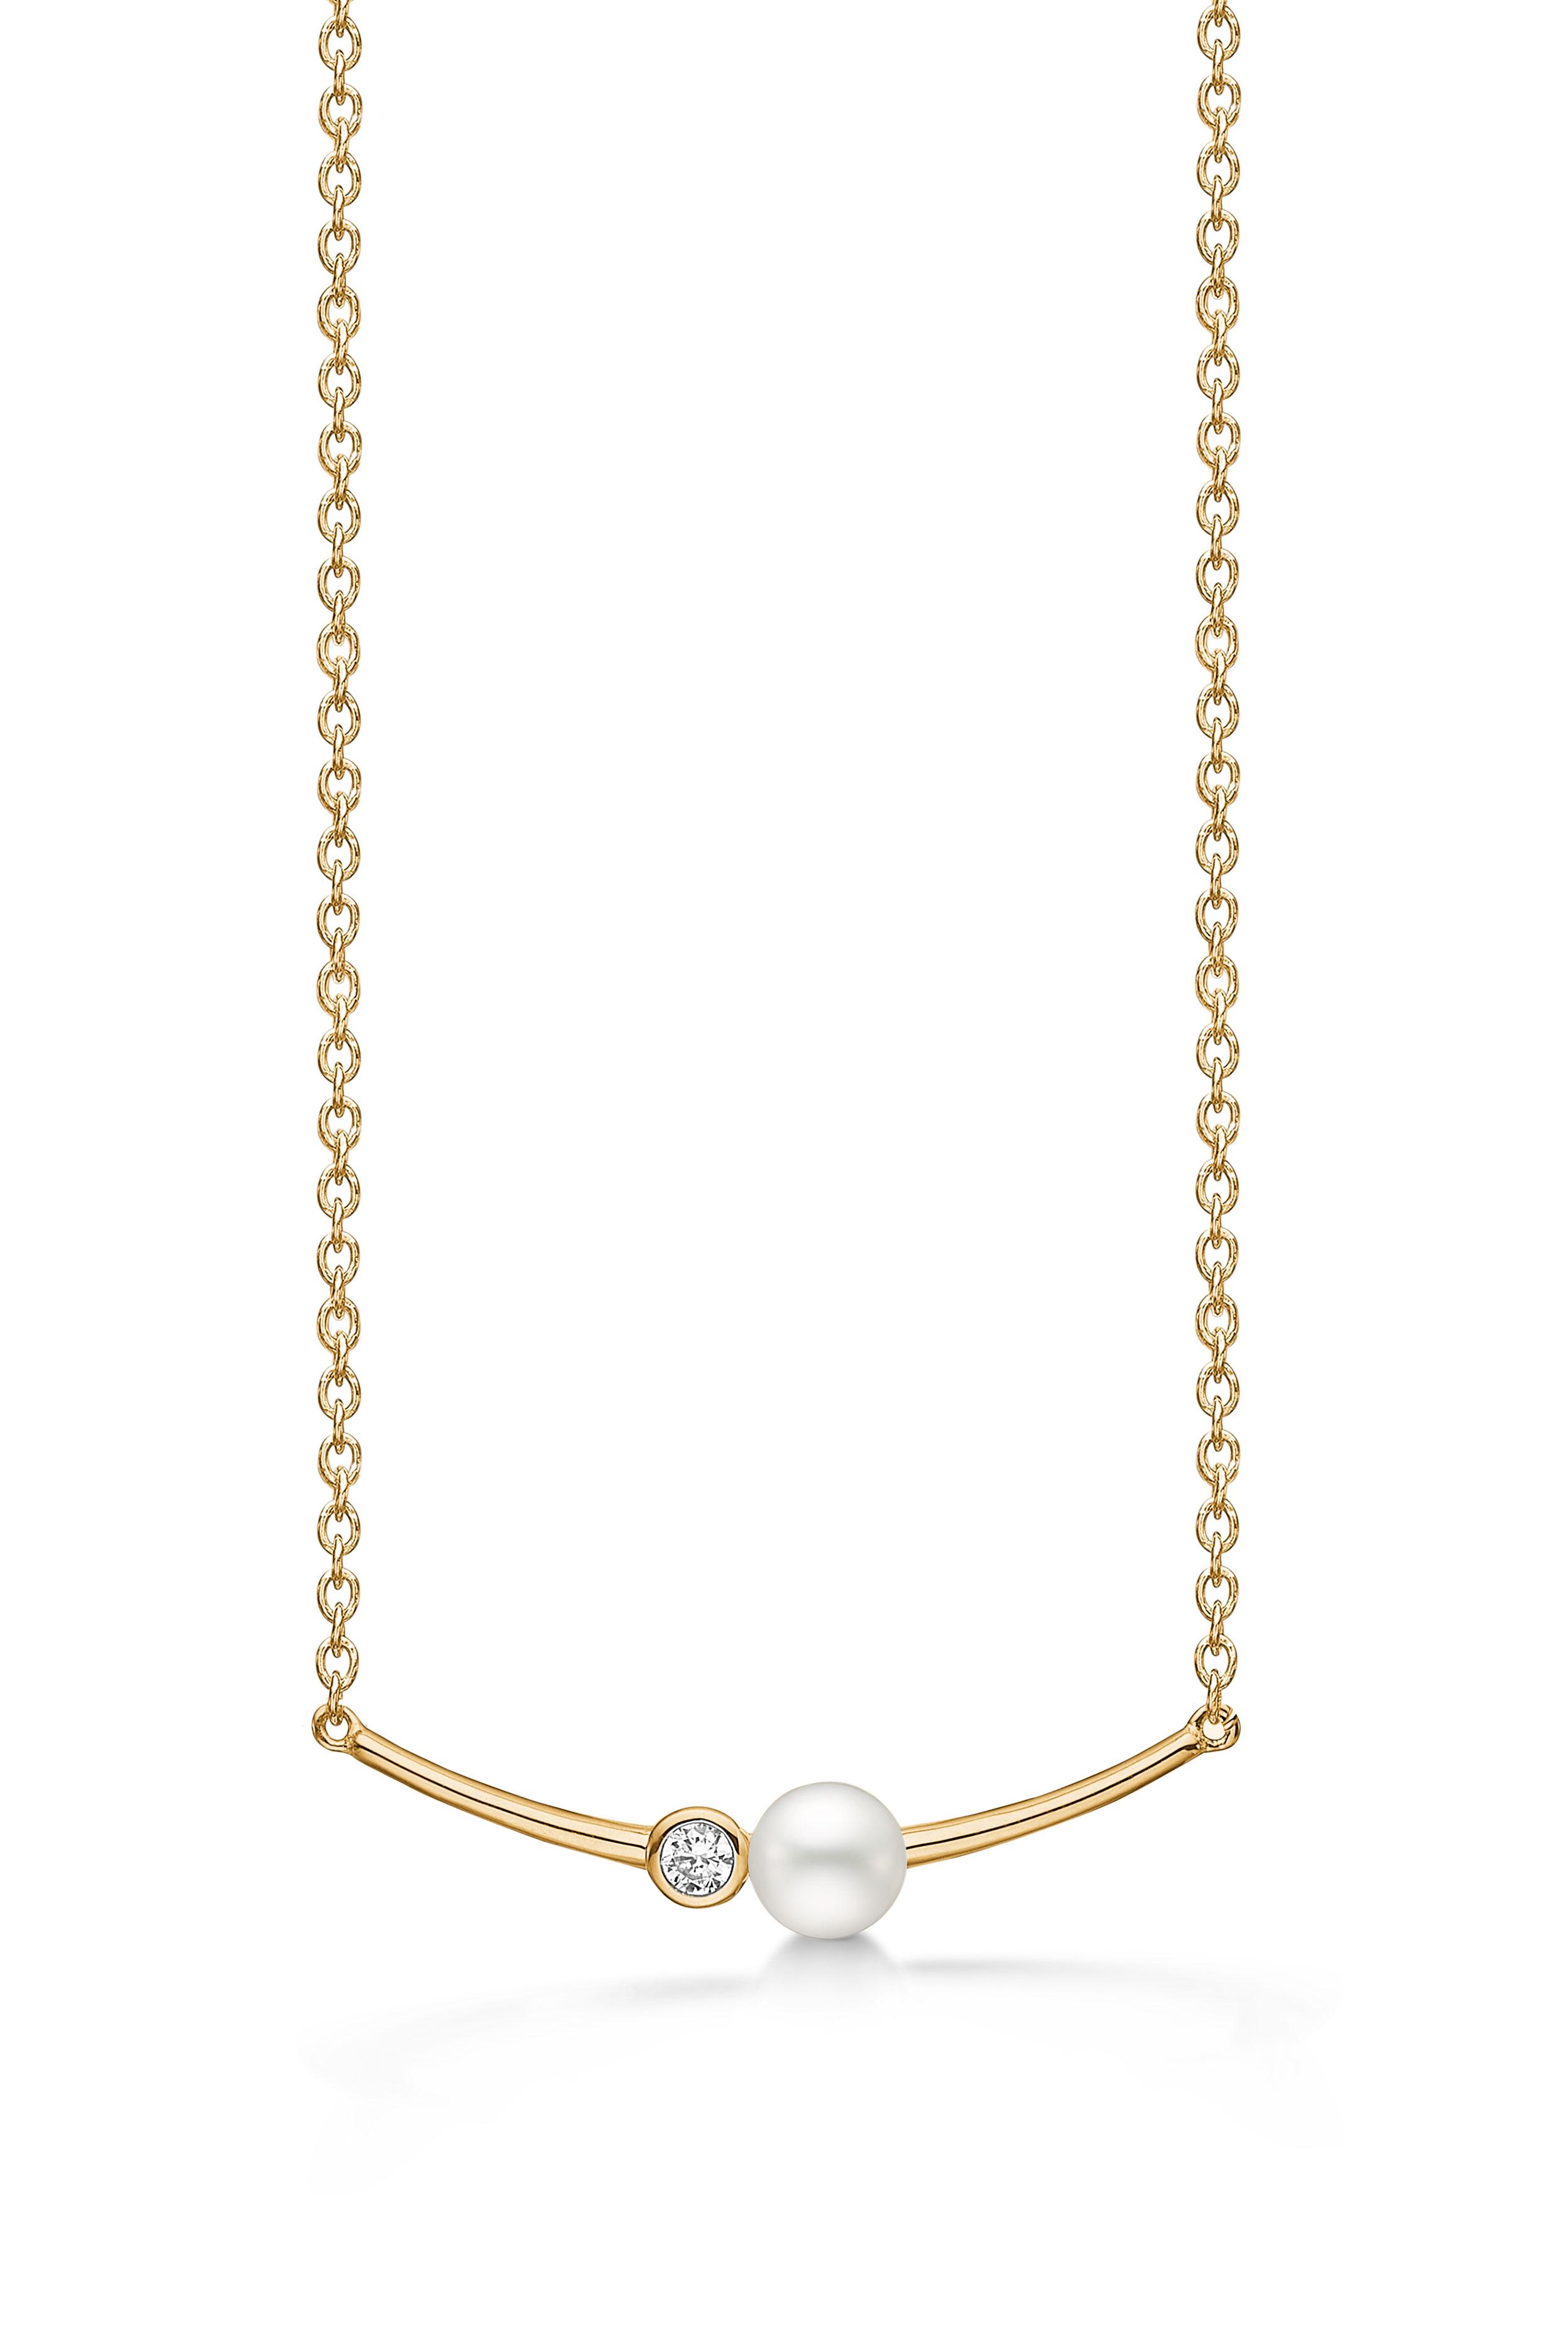 Billede af Aagaard Forgyldt sølv halssmykke med perle - 03332771-42